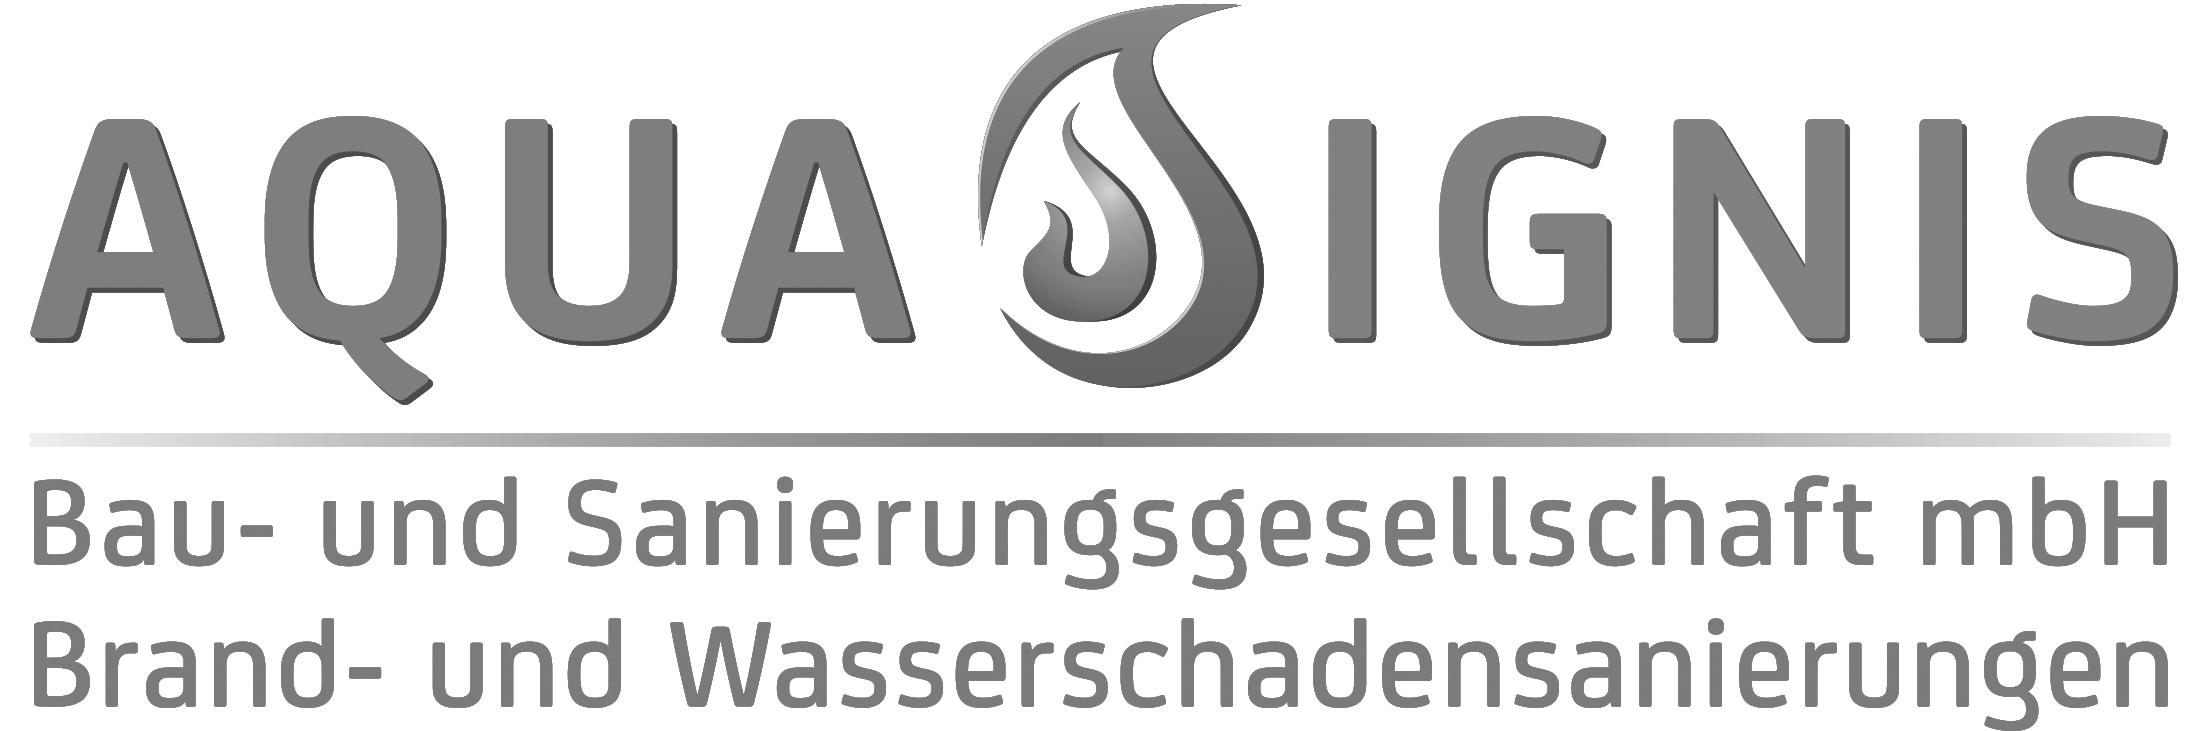 Auga-et-Ignis_Logo-B+W.png